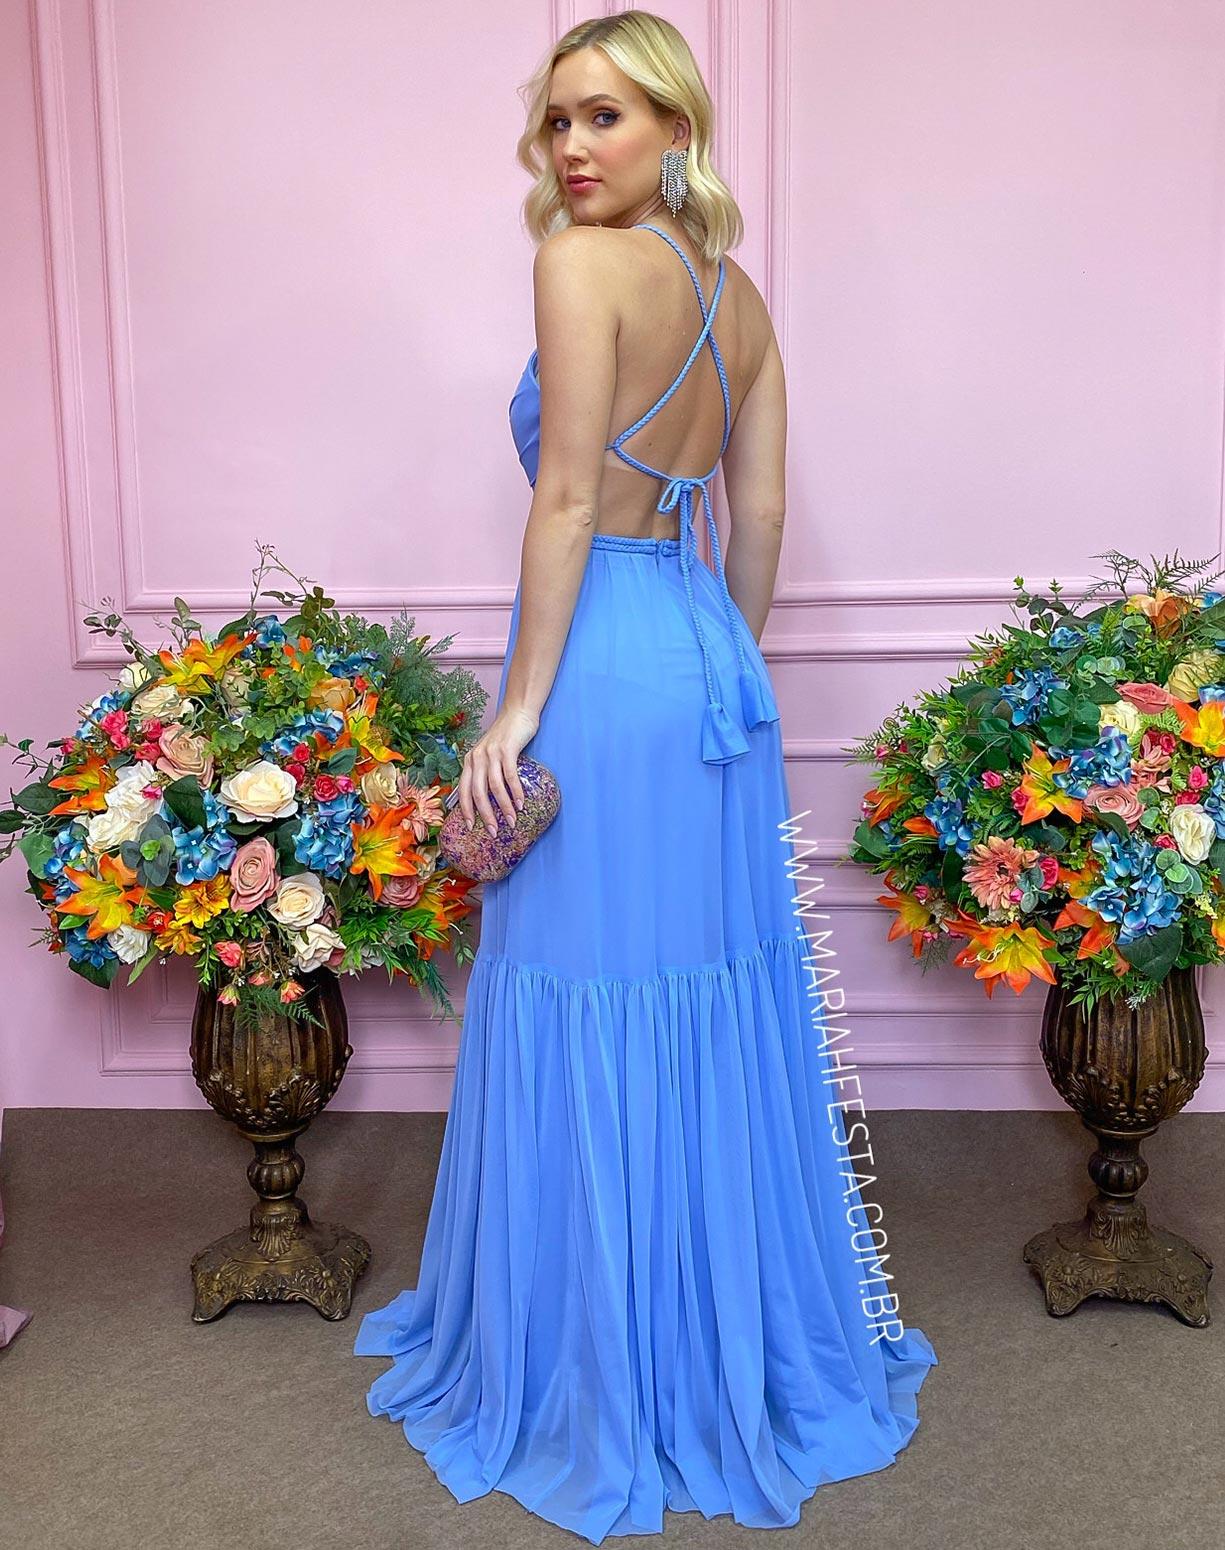 Vestido Azul Serenity em Tule com Detalhes em Macramê